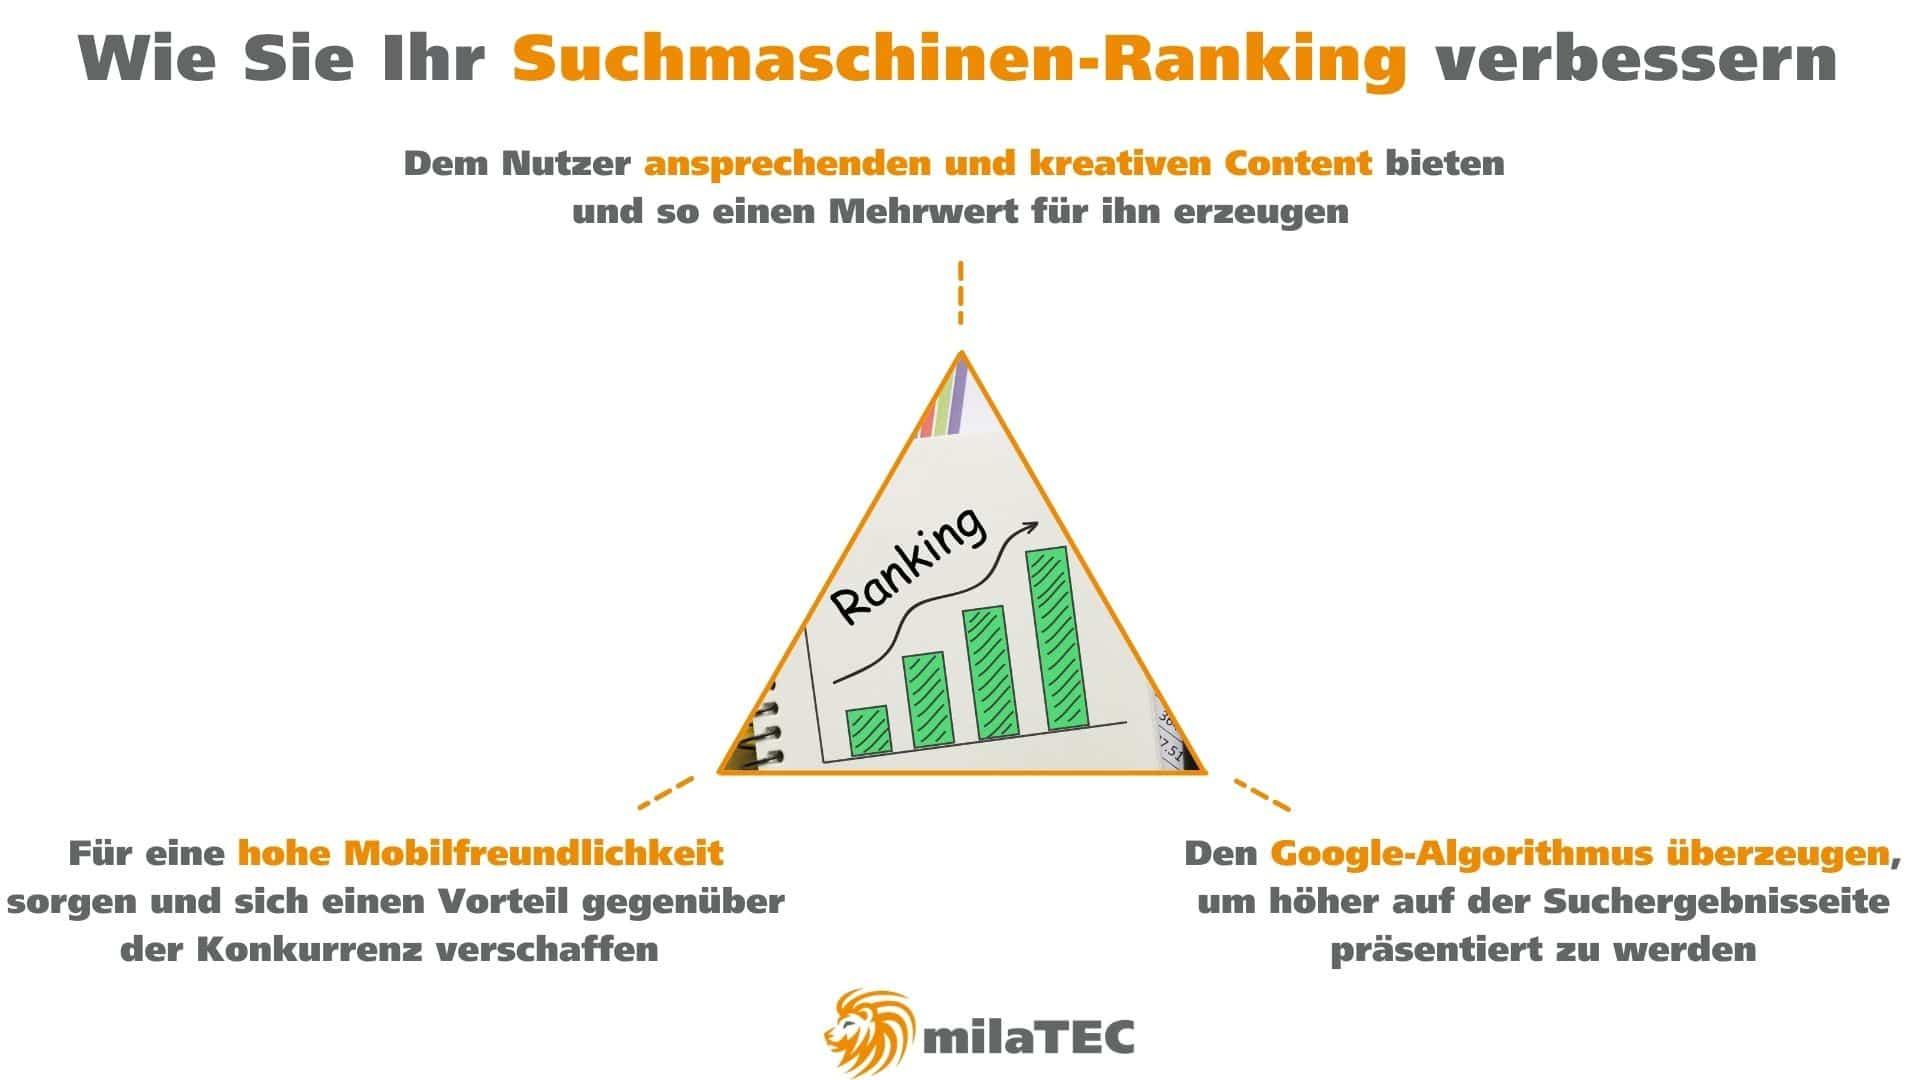 Suchmaschinen-Ranking verbessern